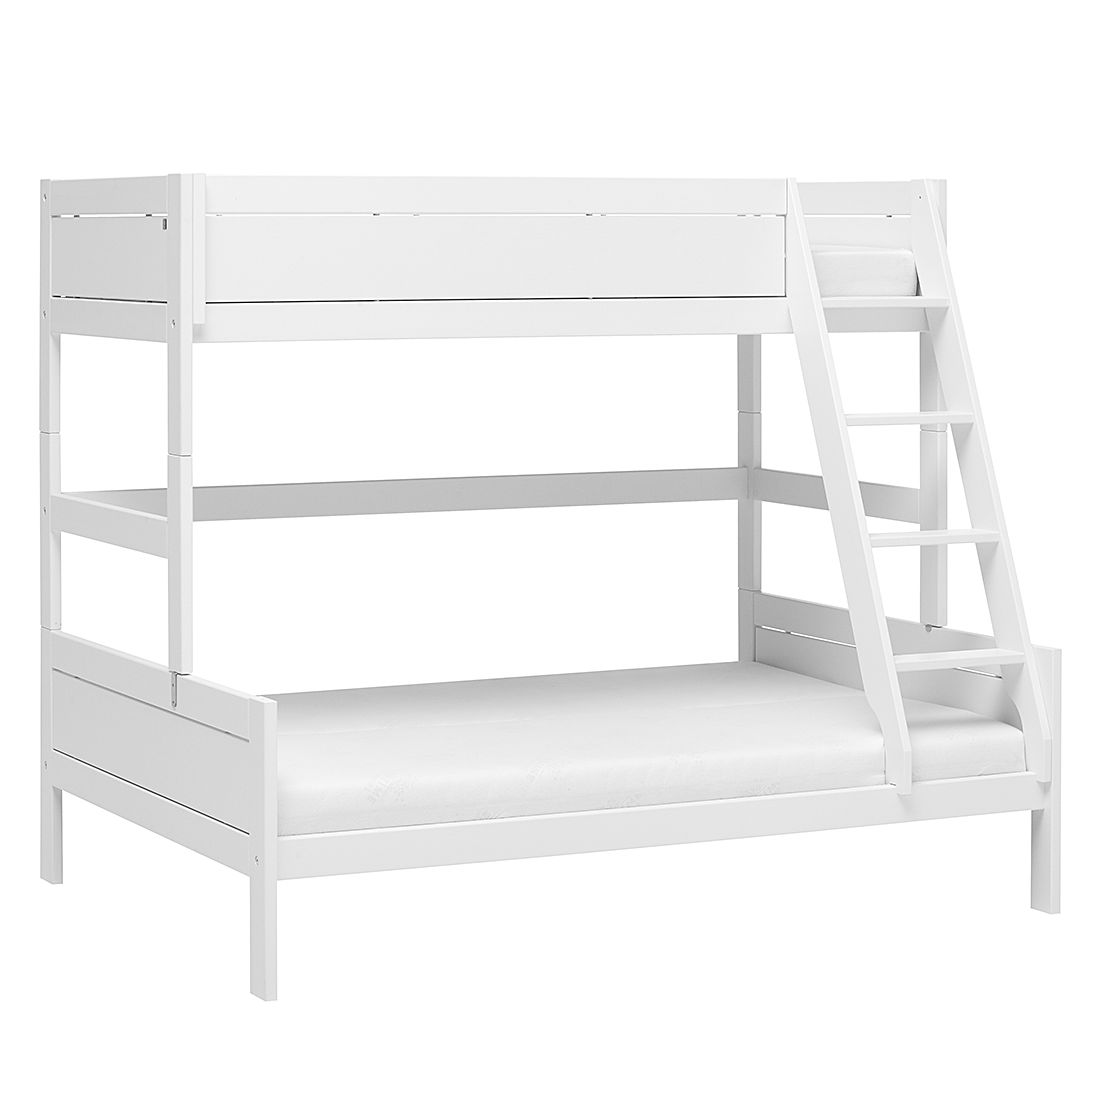 Etagenbett Lifetime Original - Kiefer teilmassiv - Weiß - Liegefläche: 90/140 x 200 cm - mit Rollrost & Bettkasten, Lifetime Kidsrooms